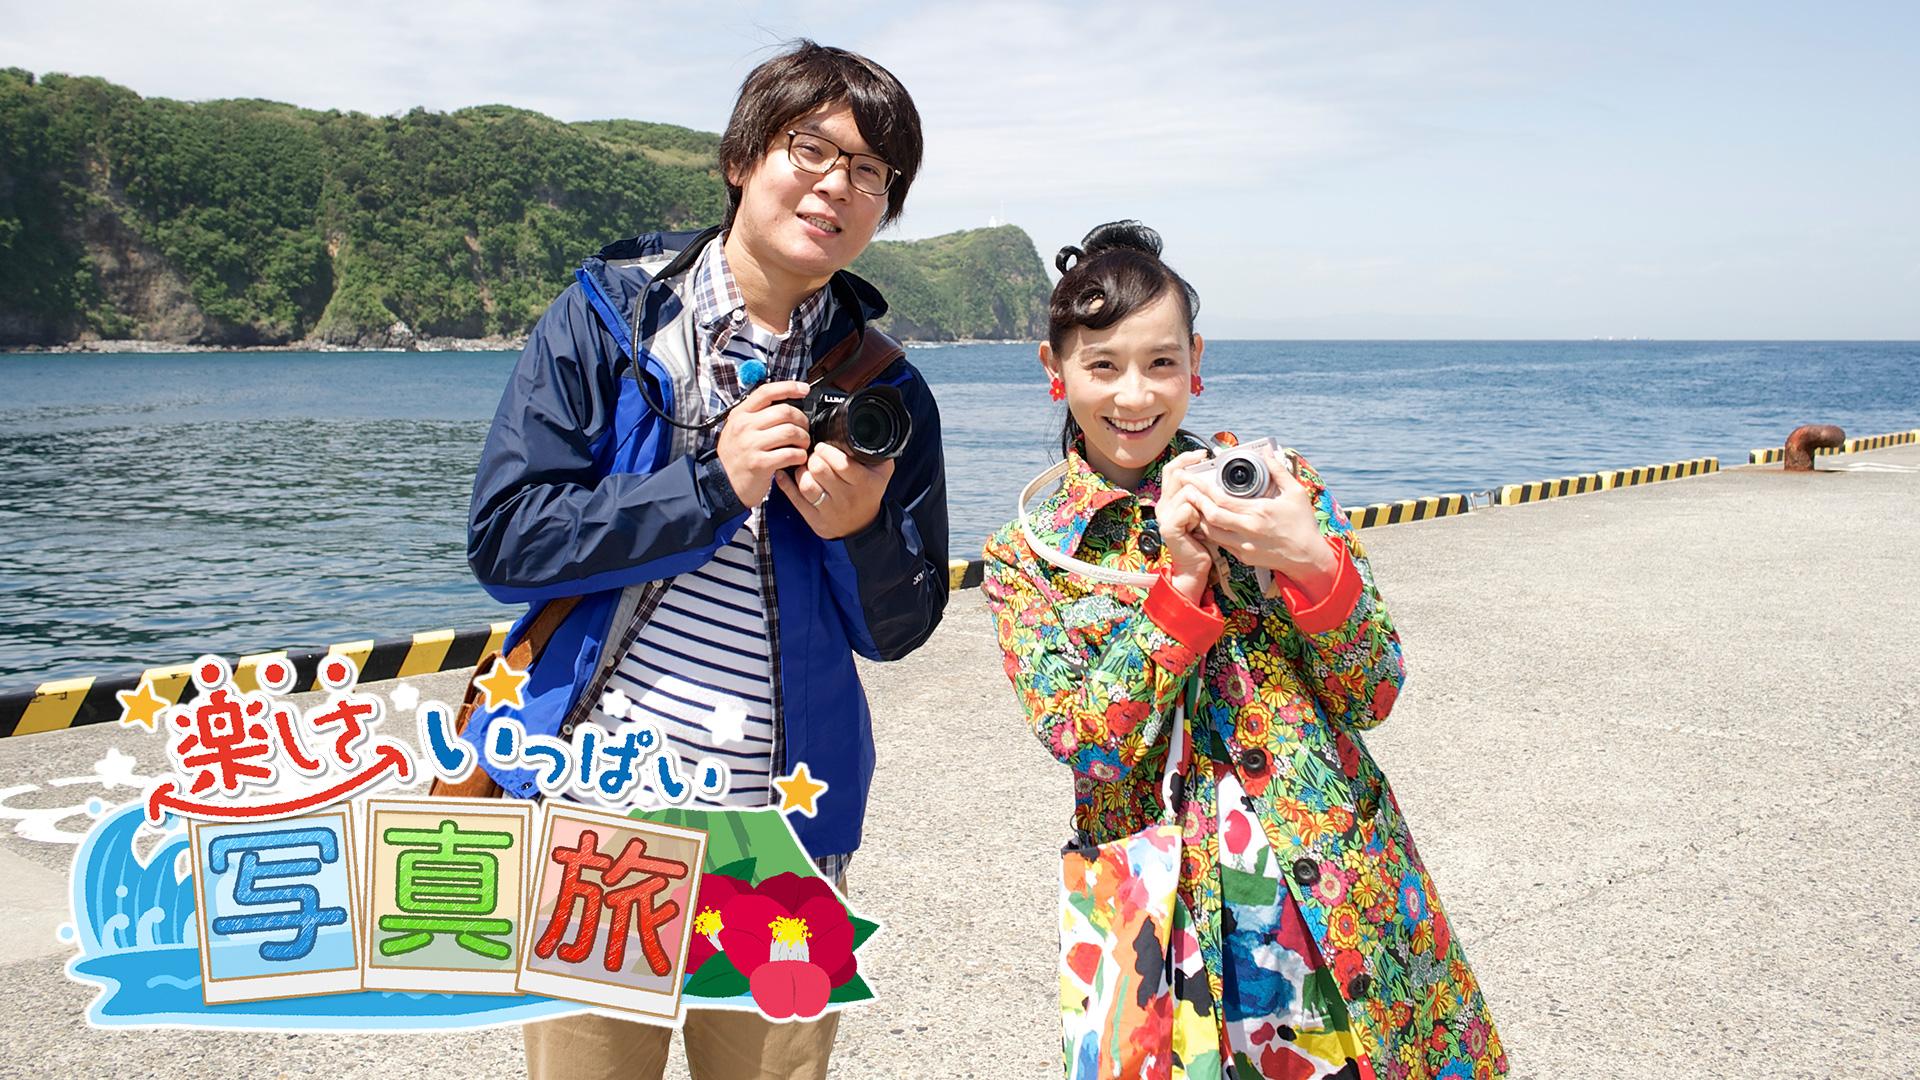 楽しさいっぱい写真旅 ふれあい体験!伊豆大島スペシャル